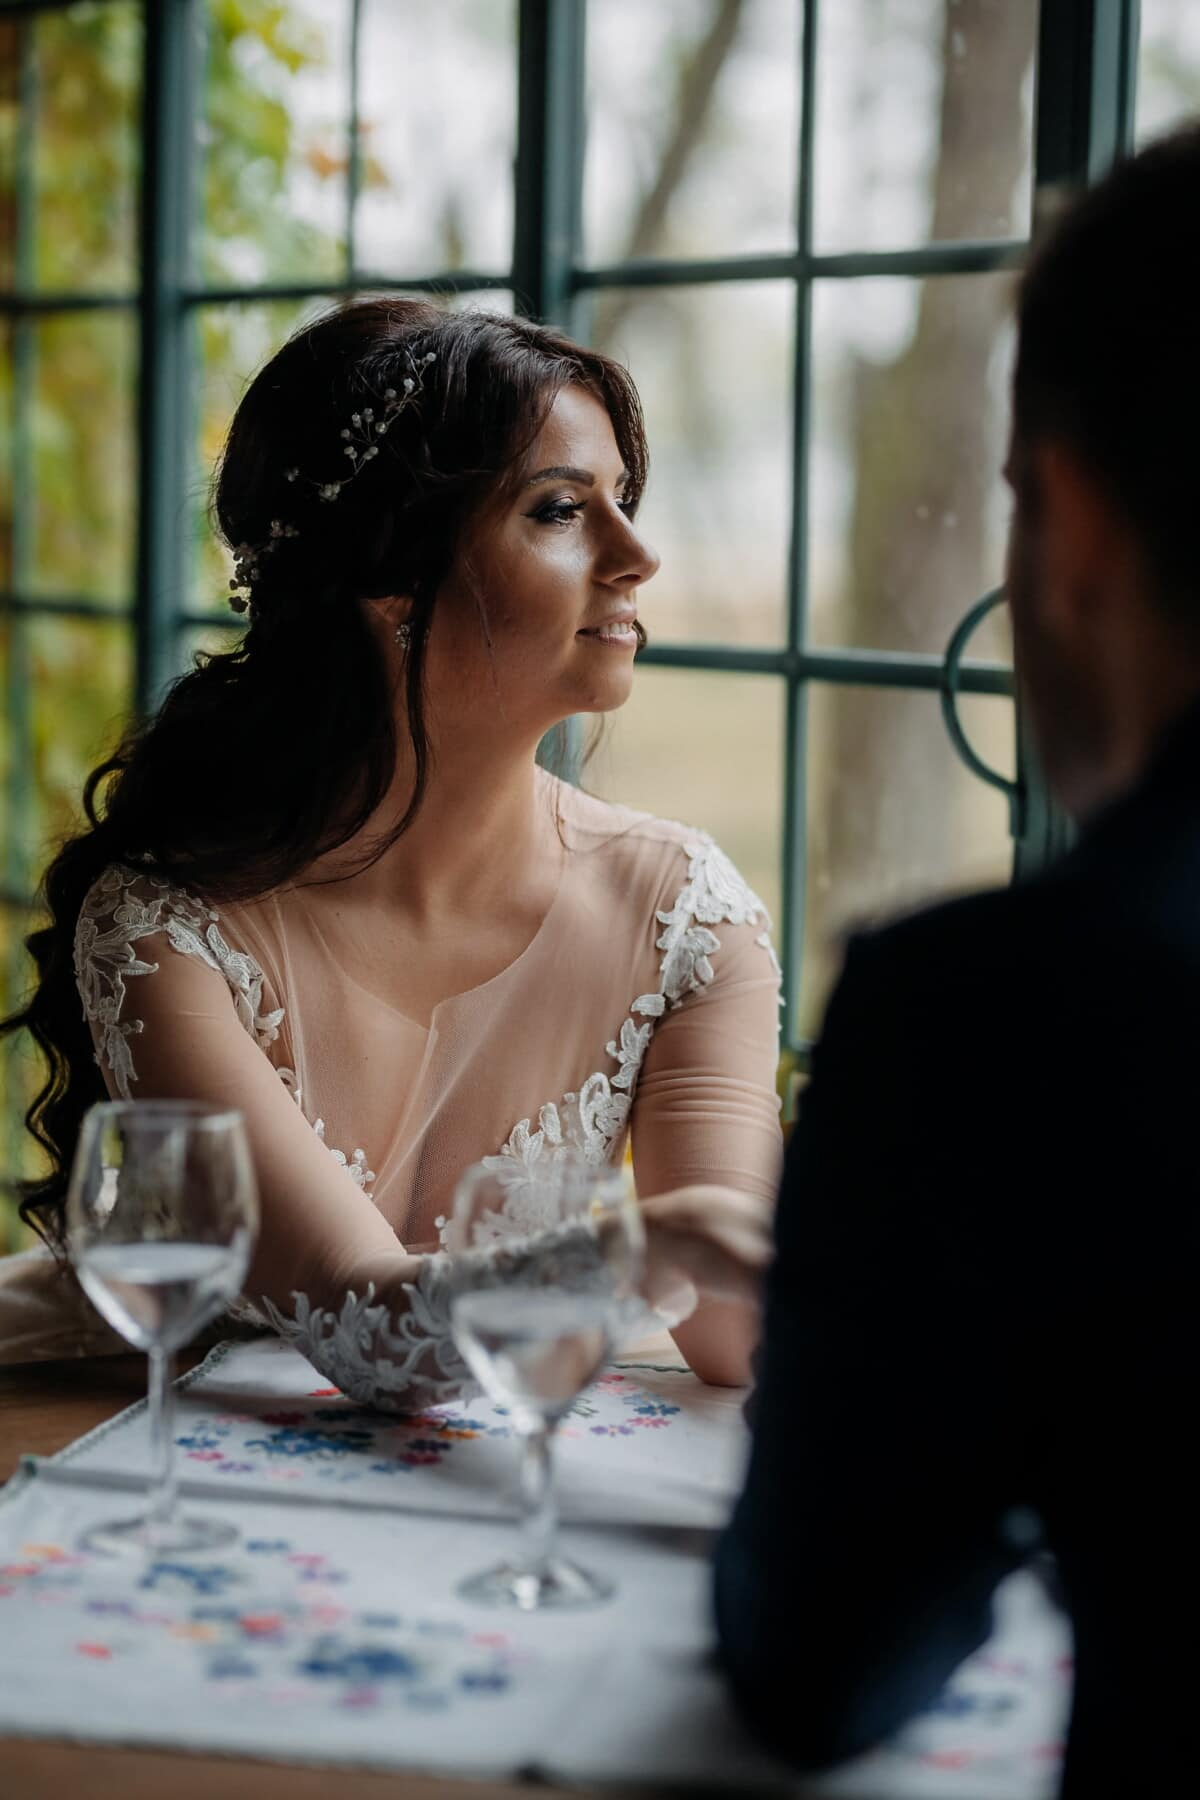 Liebesbeziehung, Restaurant, hübsches mädchen, herrlich, romantische, Frau, Menschen, Porträt, Mädchen, Liebe